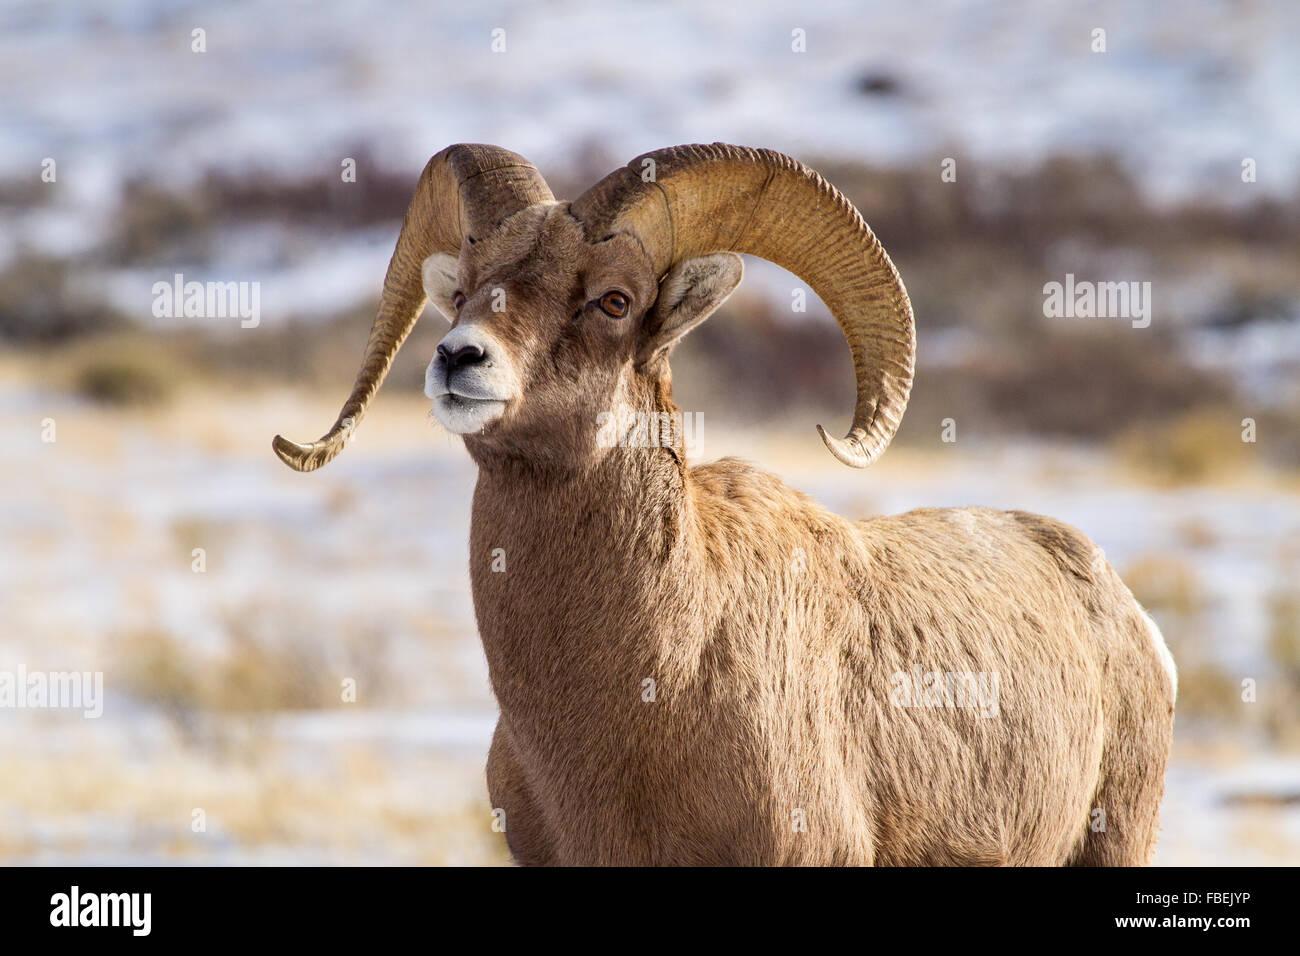 Sheep Elk Stock Photos & Sheep Elk Stock Images - Alamy